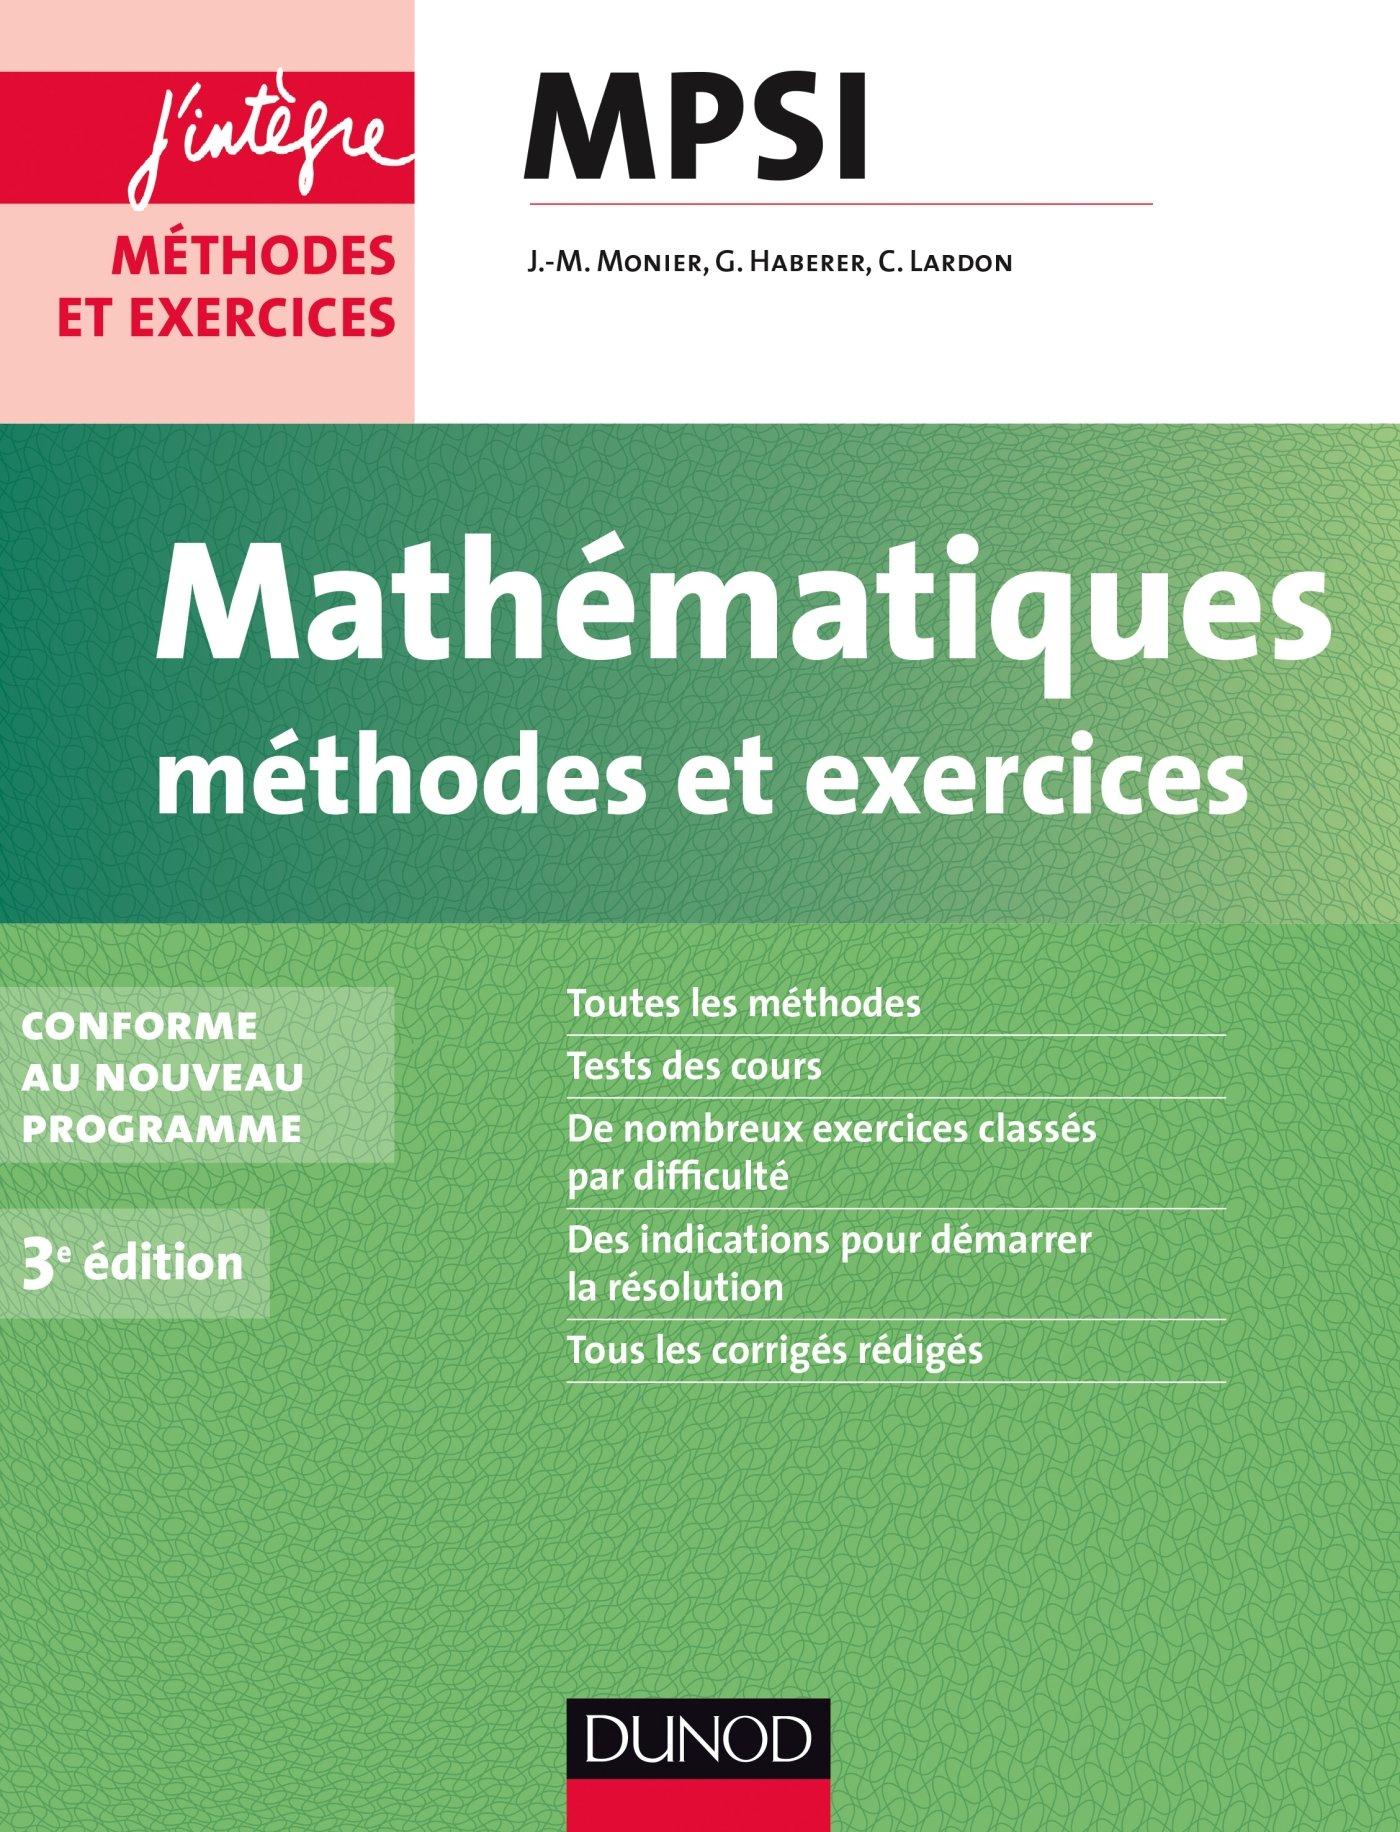 Mathématiques MPSI : Méthodes et exercices: Amazon co uk